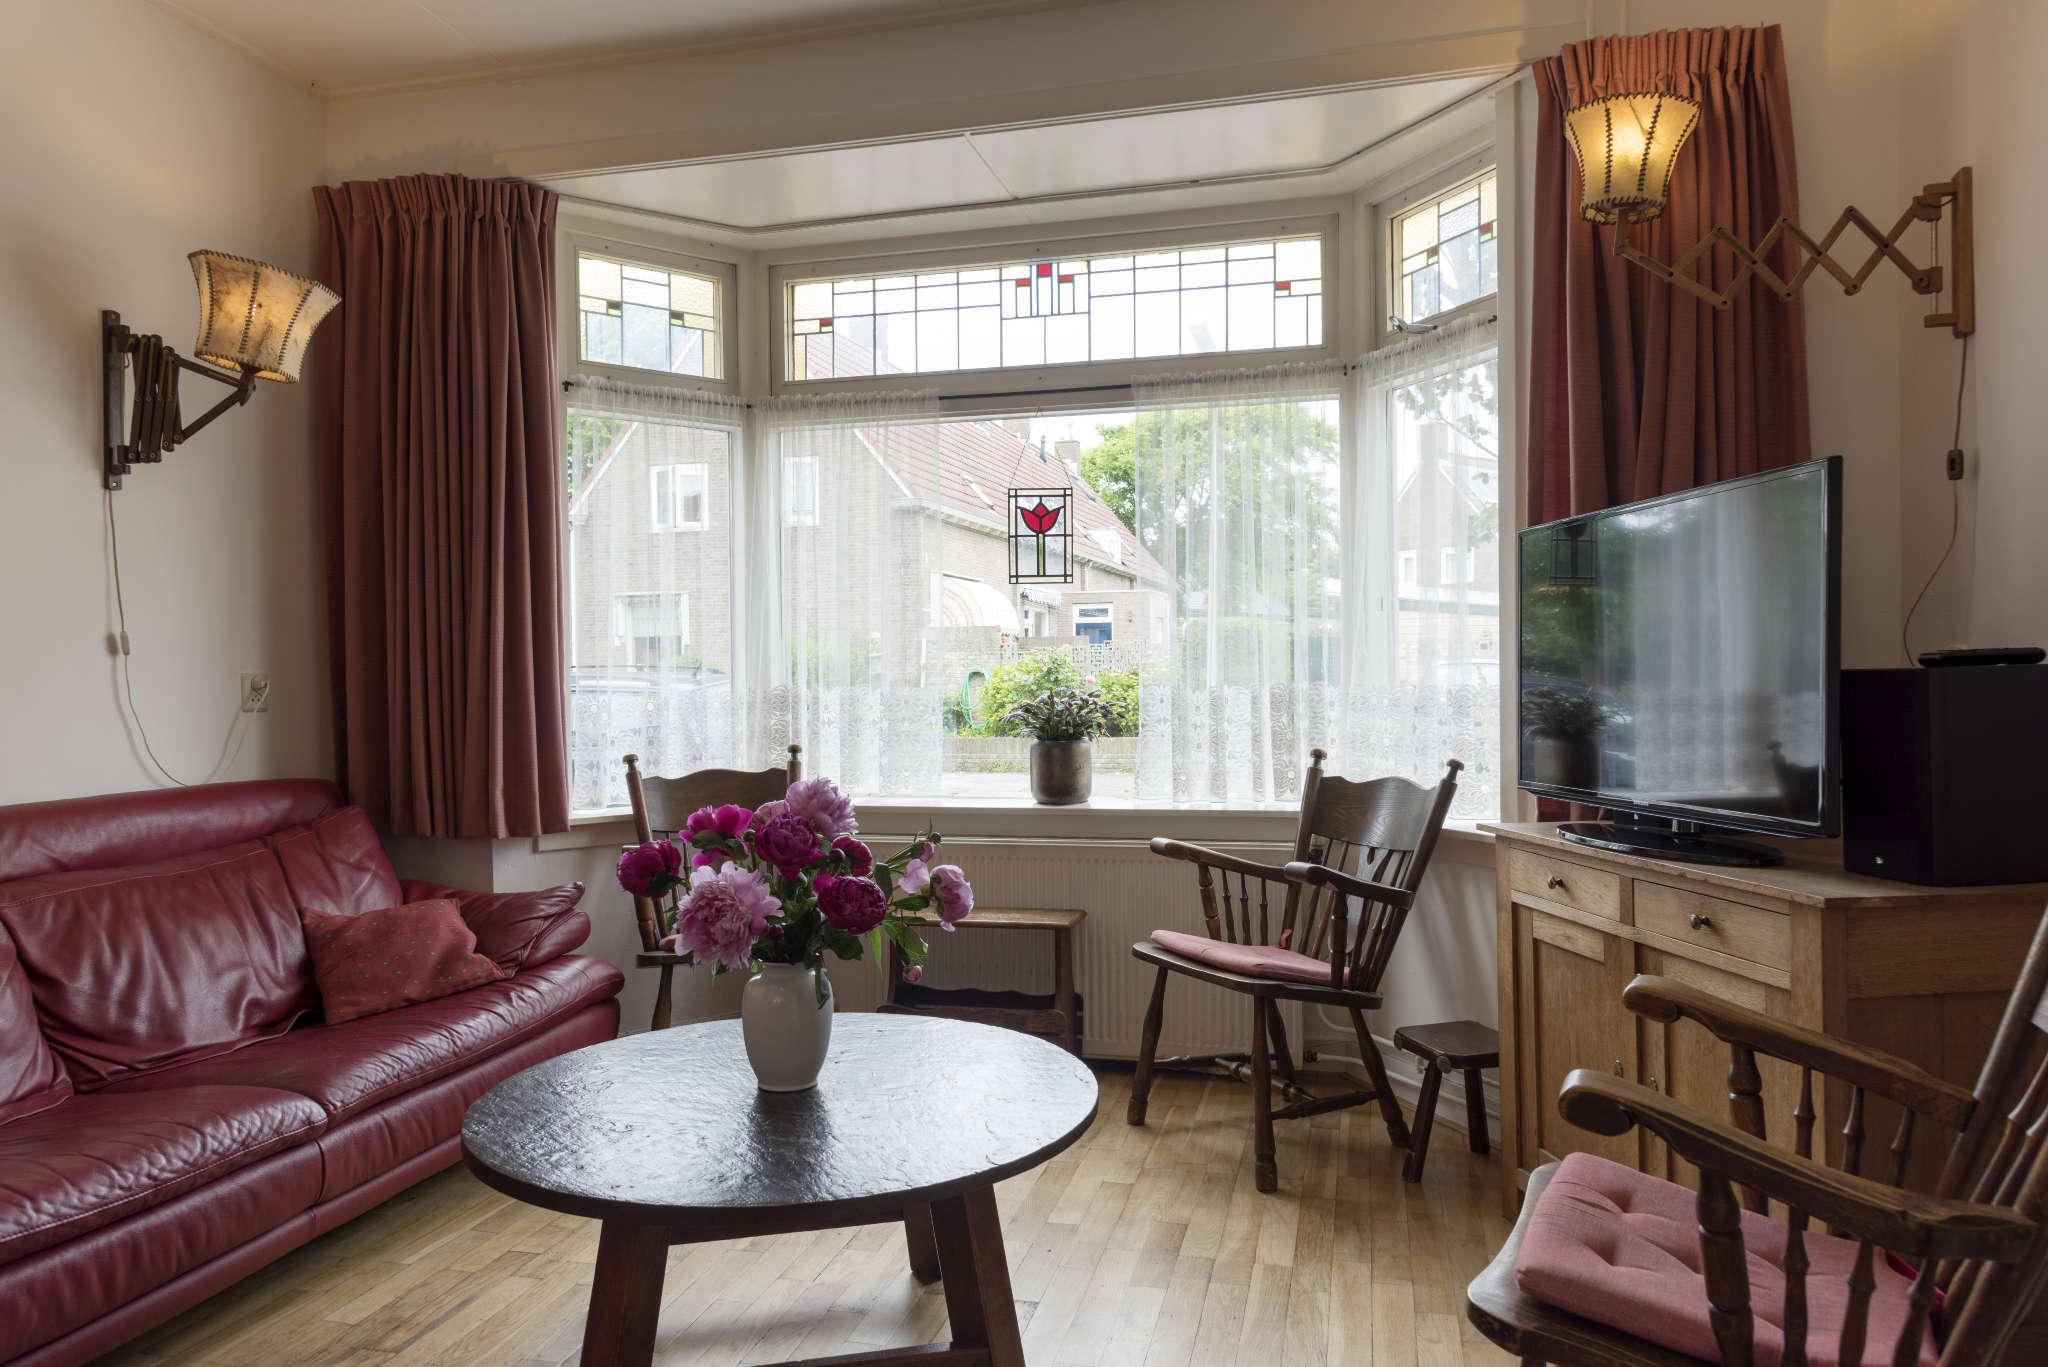 Wohnzimmer mit Television.